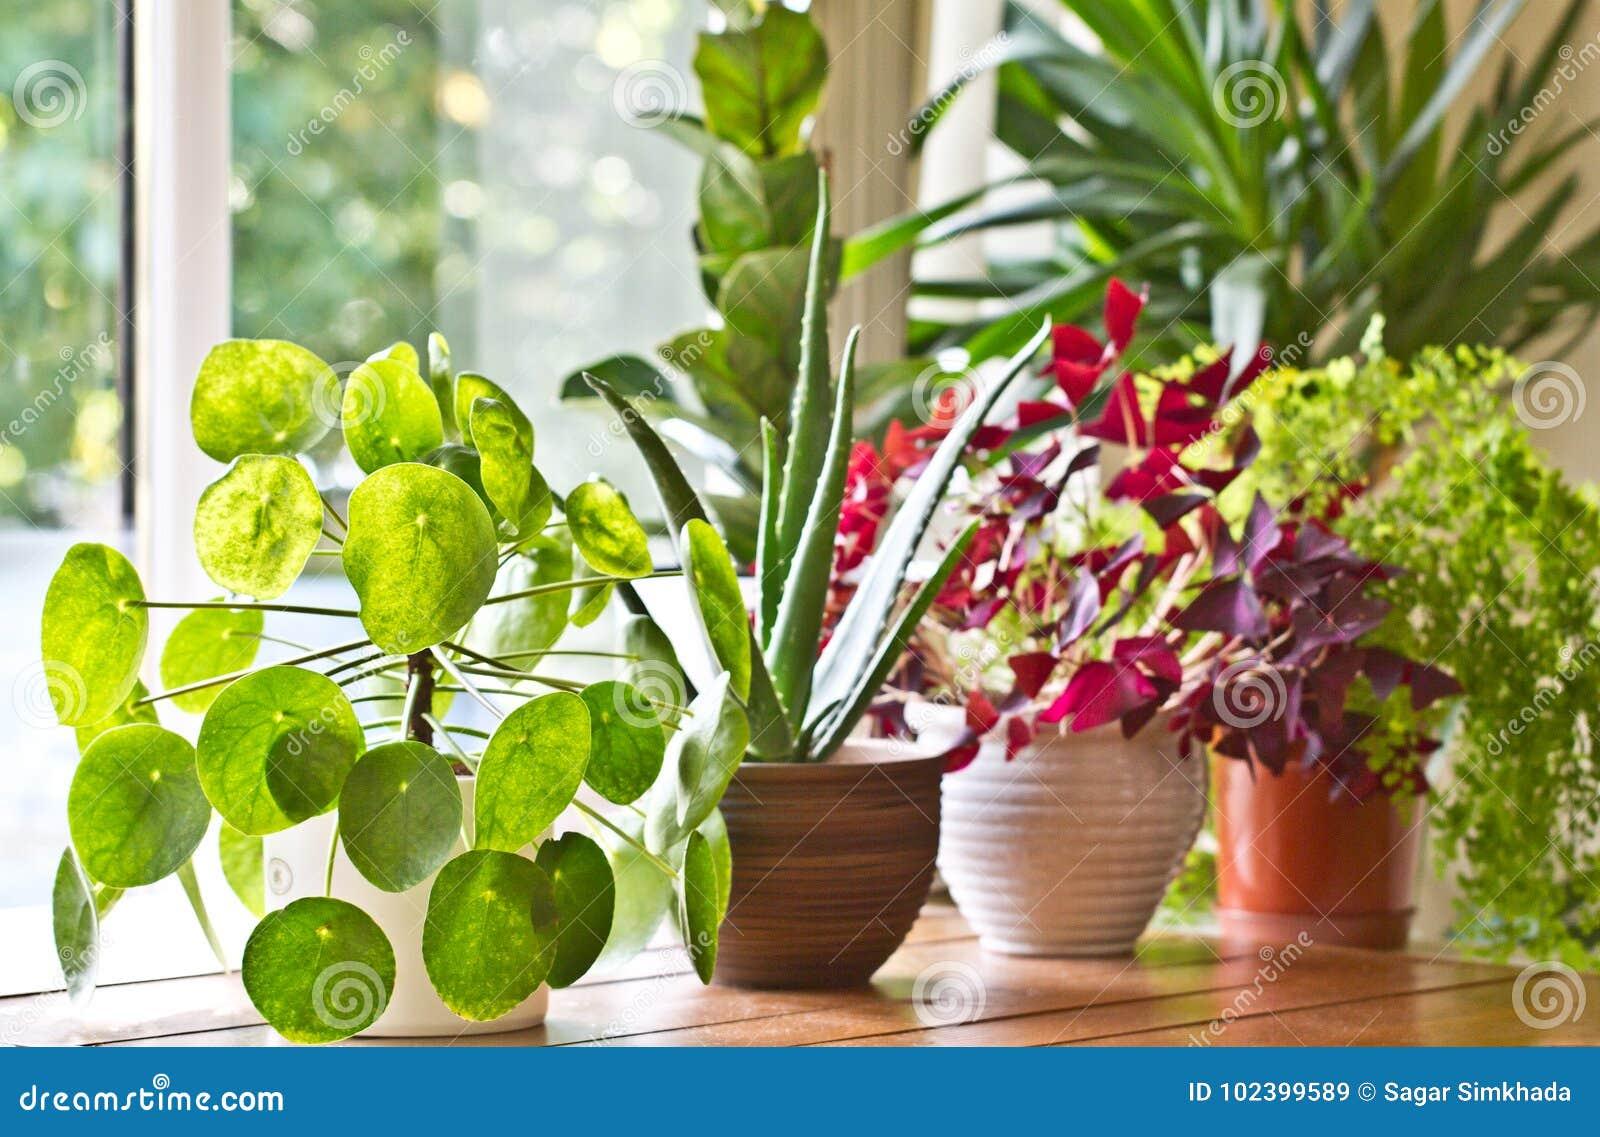 Houseplantsskärm Husväxter eller inomhus växter